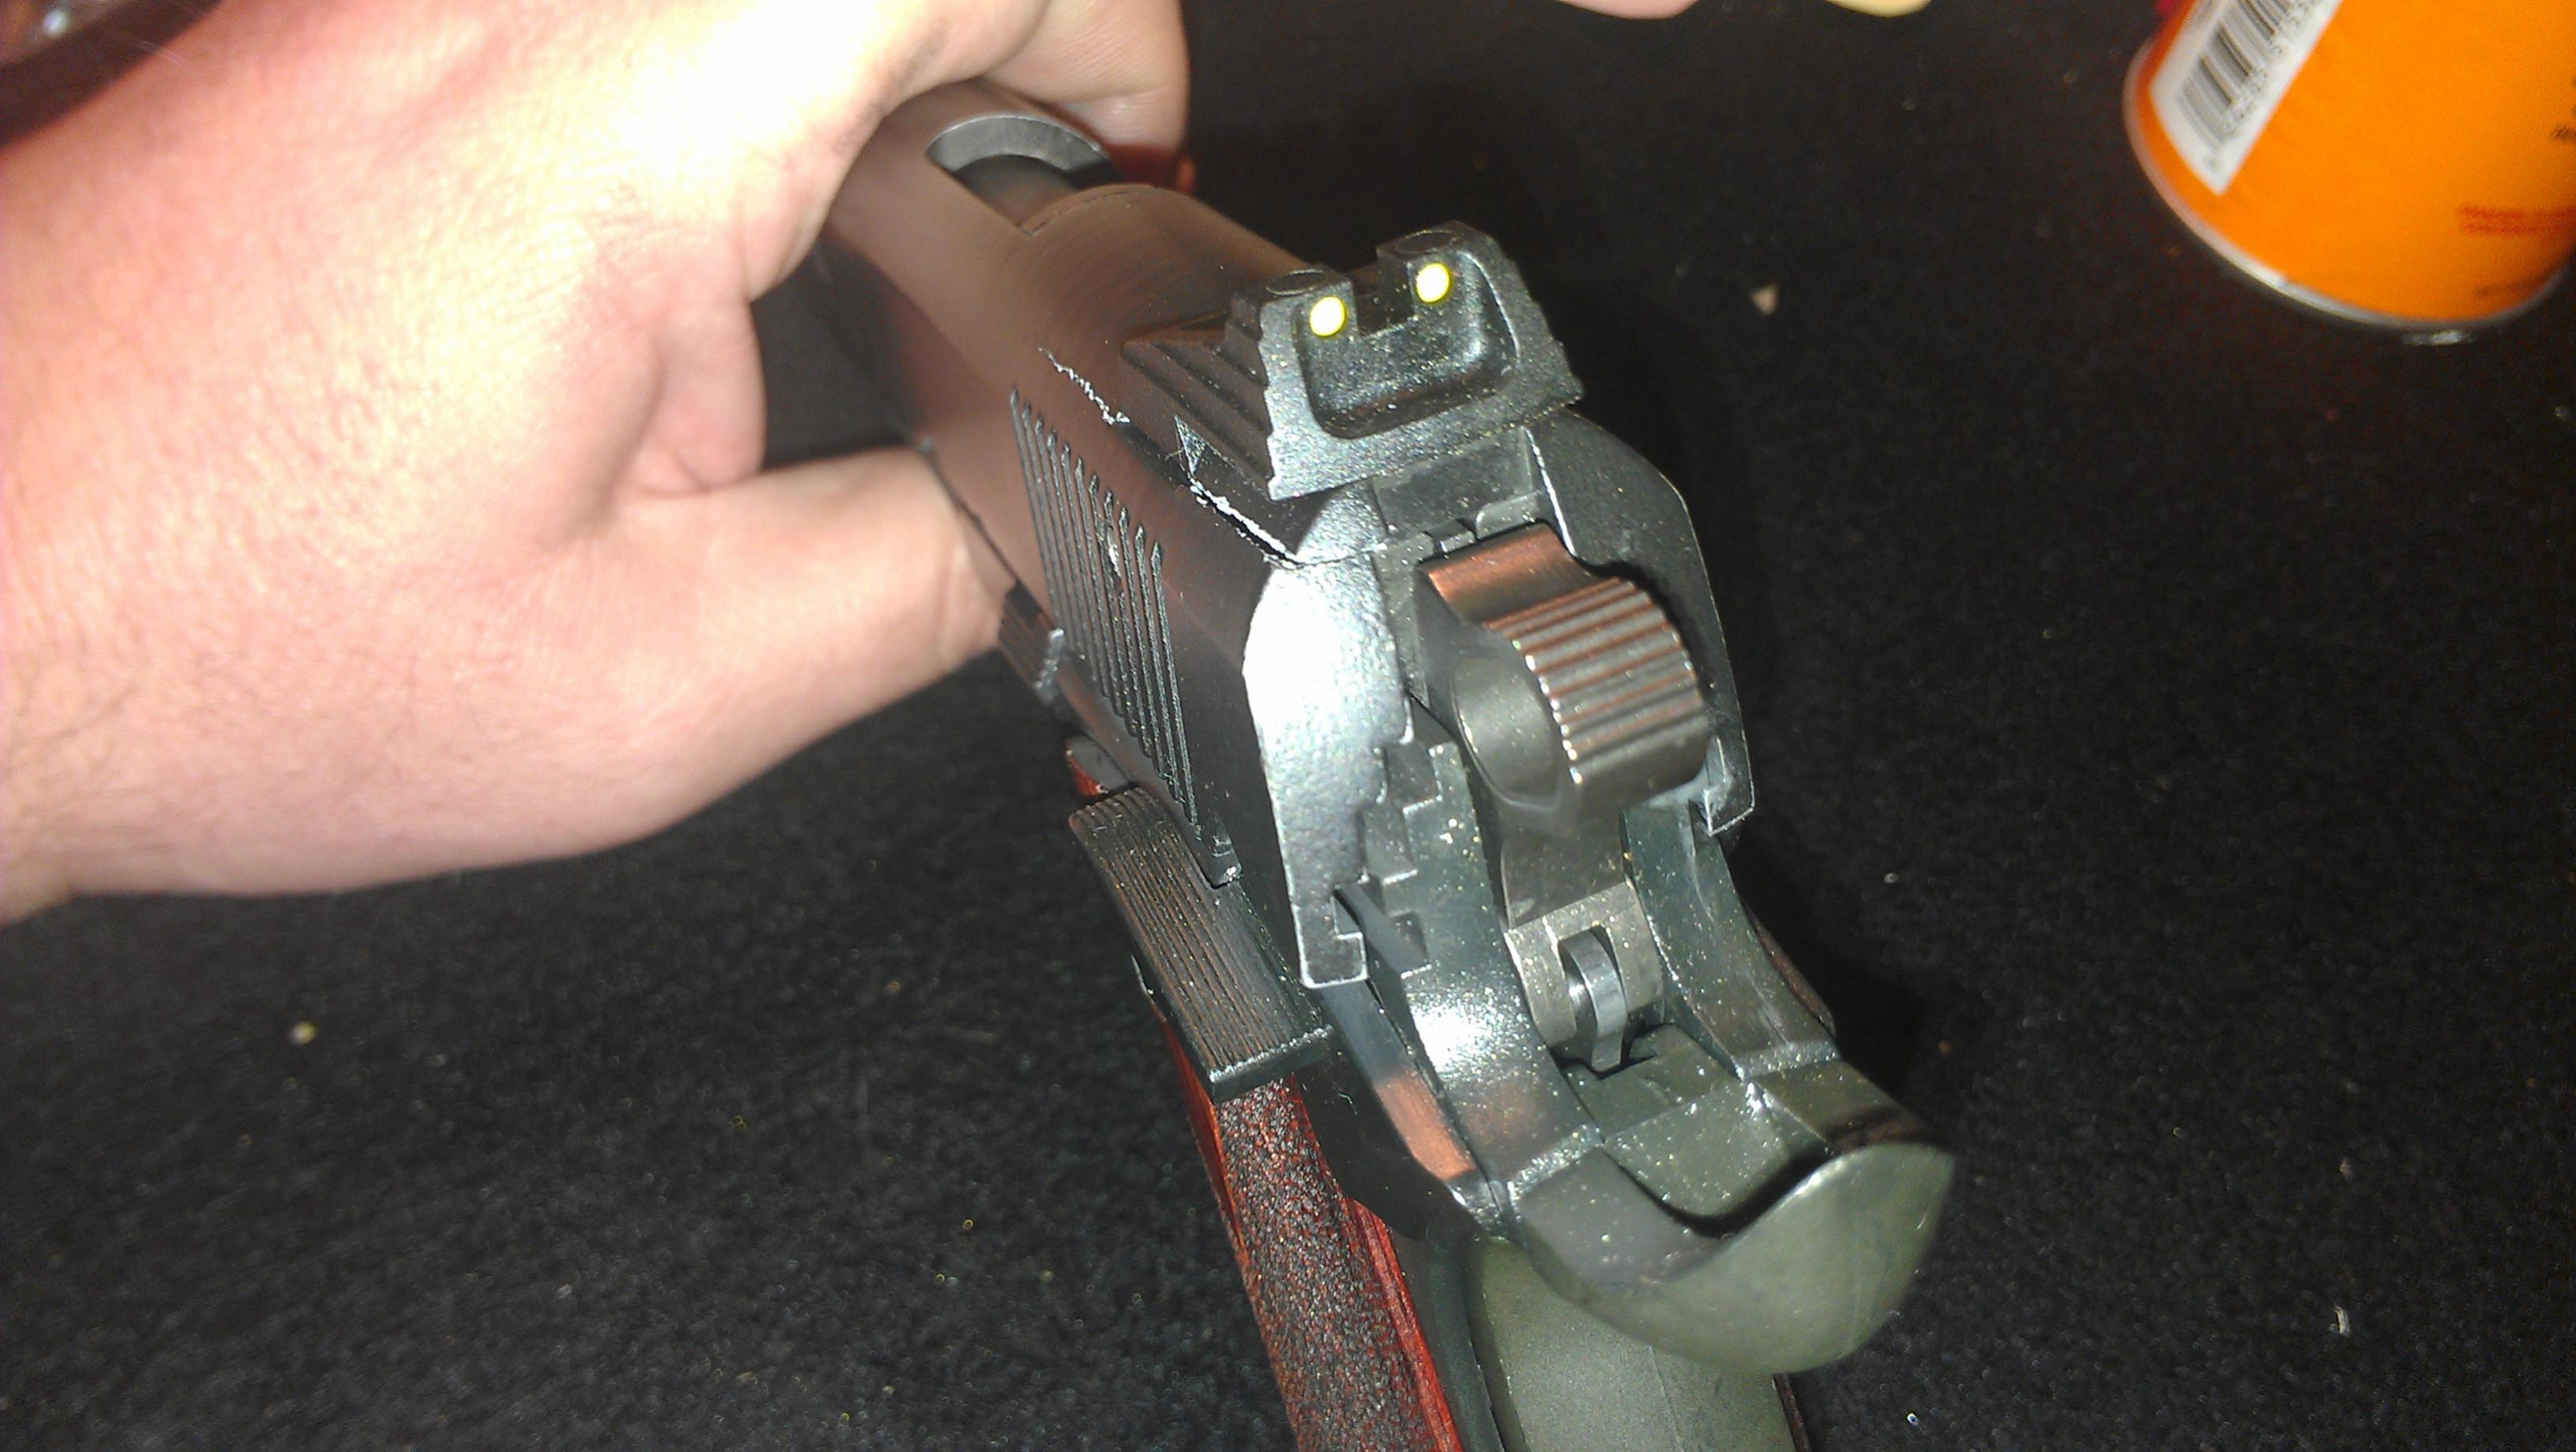 Gsg 1911 22  slide cracked-imag0088.jpg